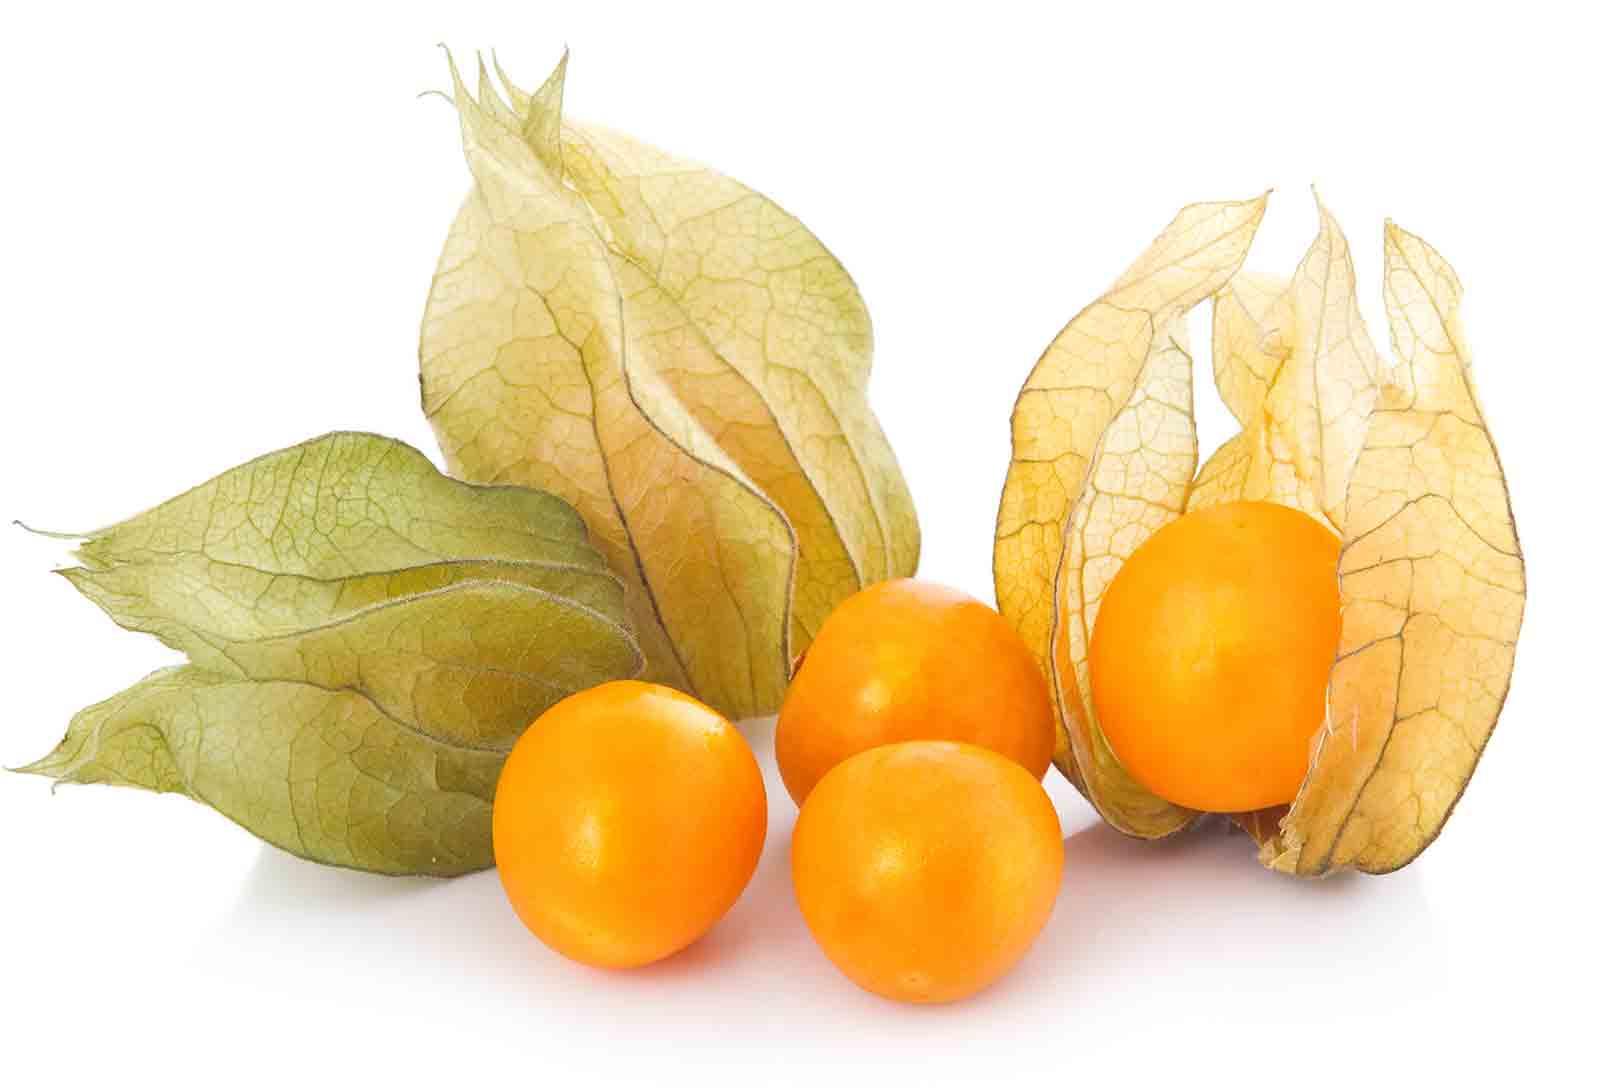 Ground cherries - Aimee Francaes favorite food